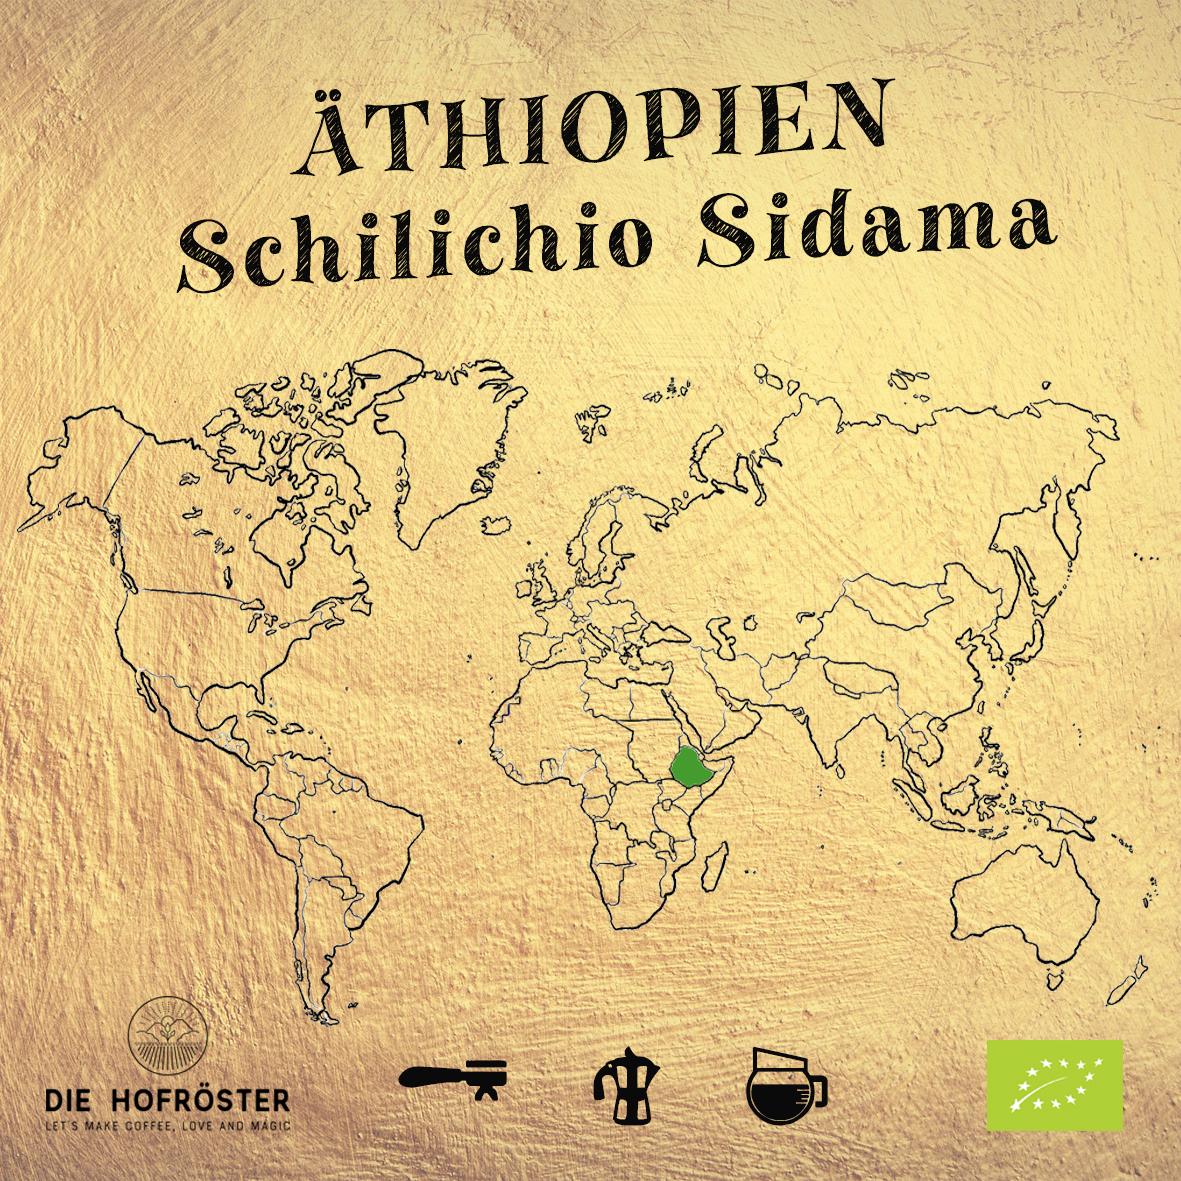 Schilichio